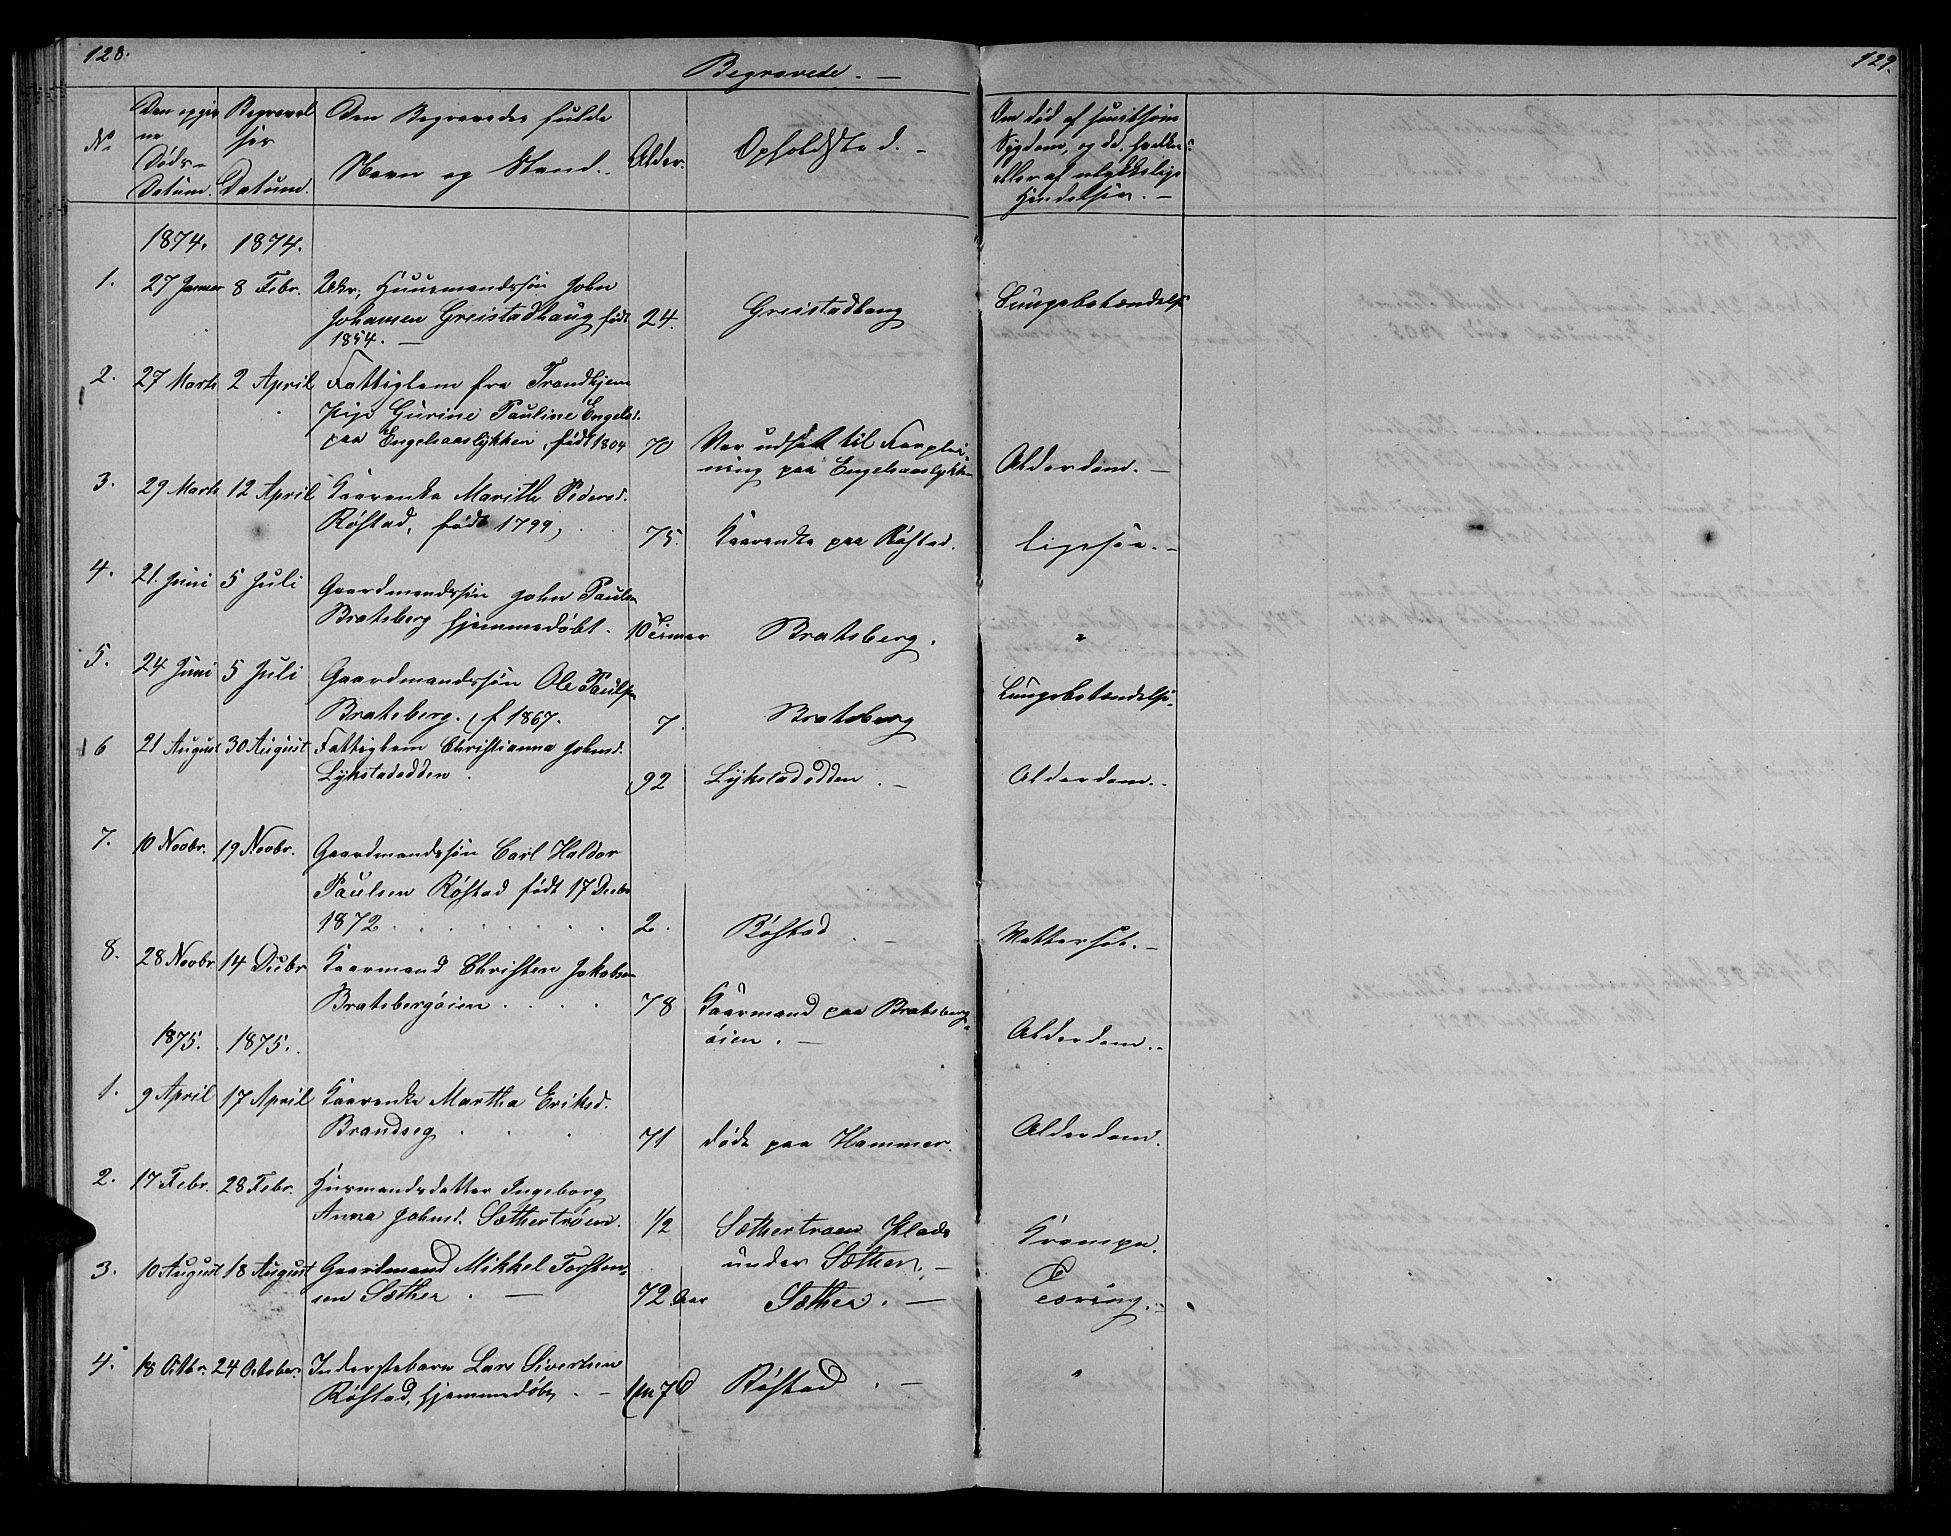 SAT, Ministerialprotokoller, klokkerbøker og fødselsregistre - Sør-Trøndelag, 608/L0340: Klokkerbok nr. 608C06, 1864-1889, s. 128-129